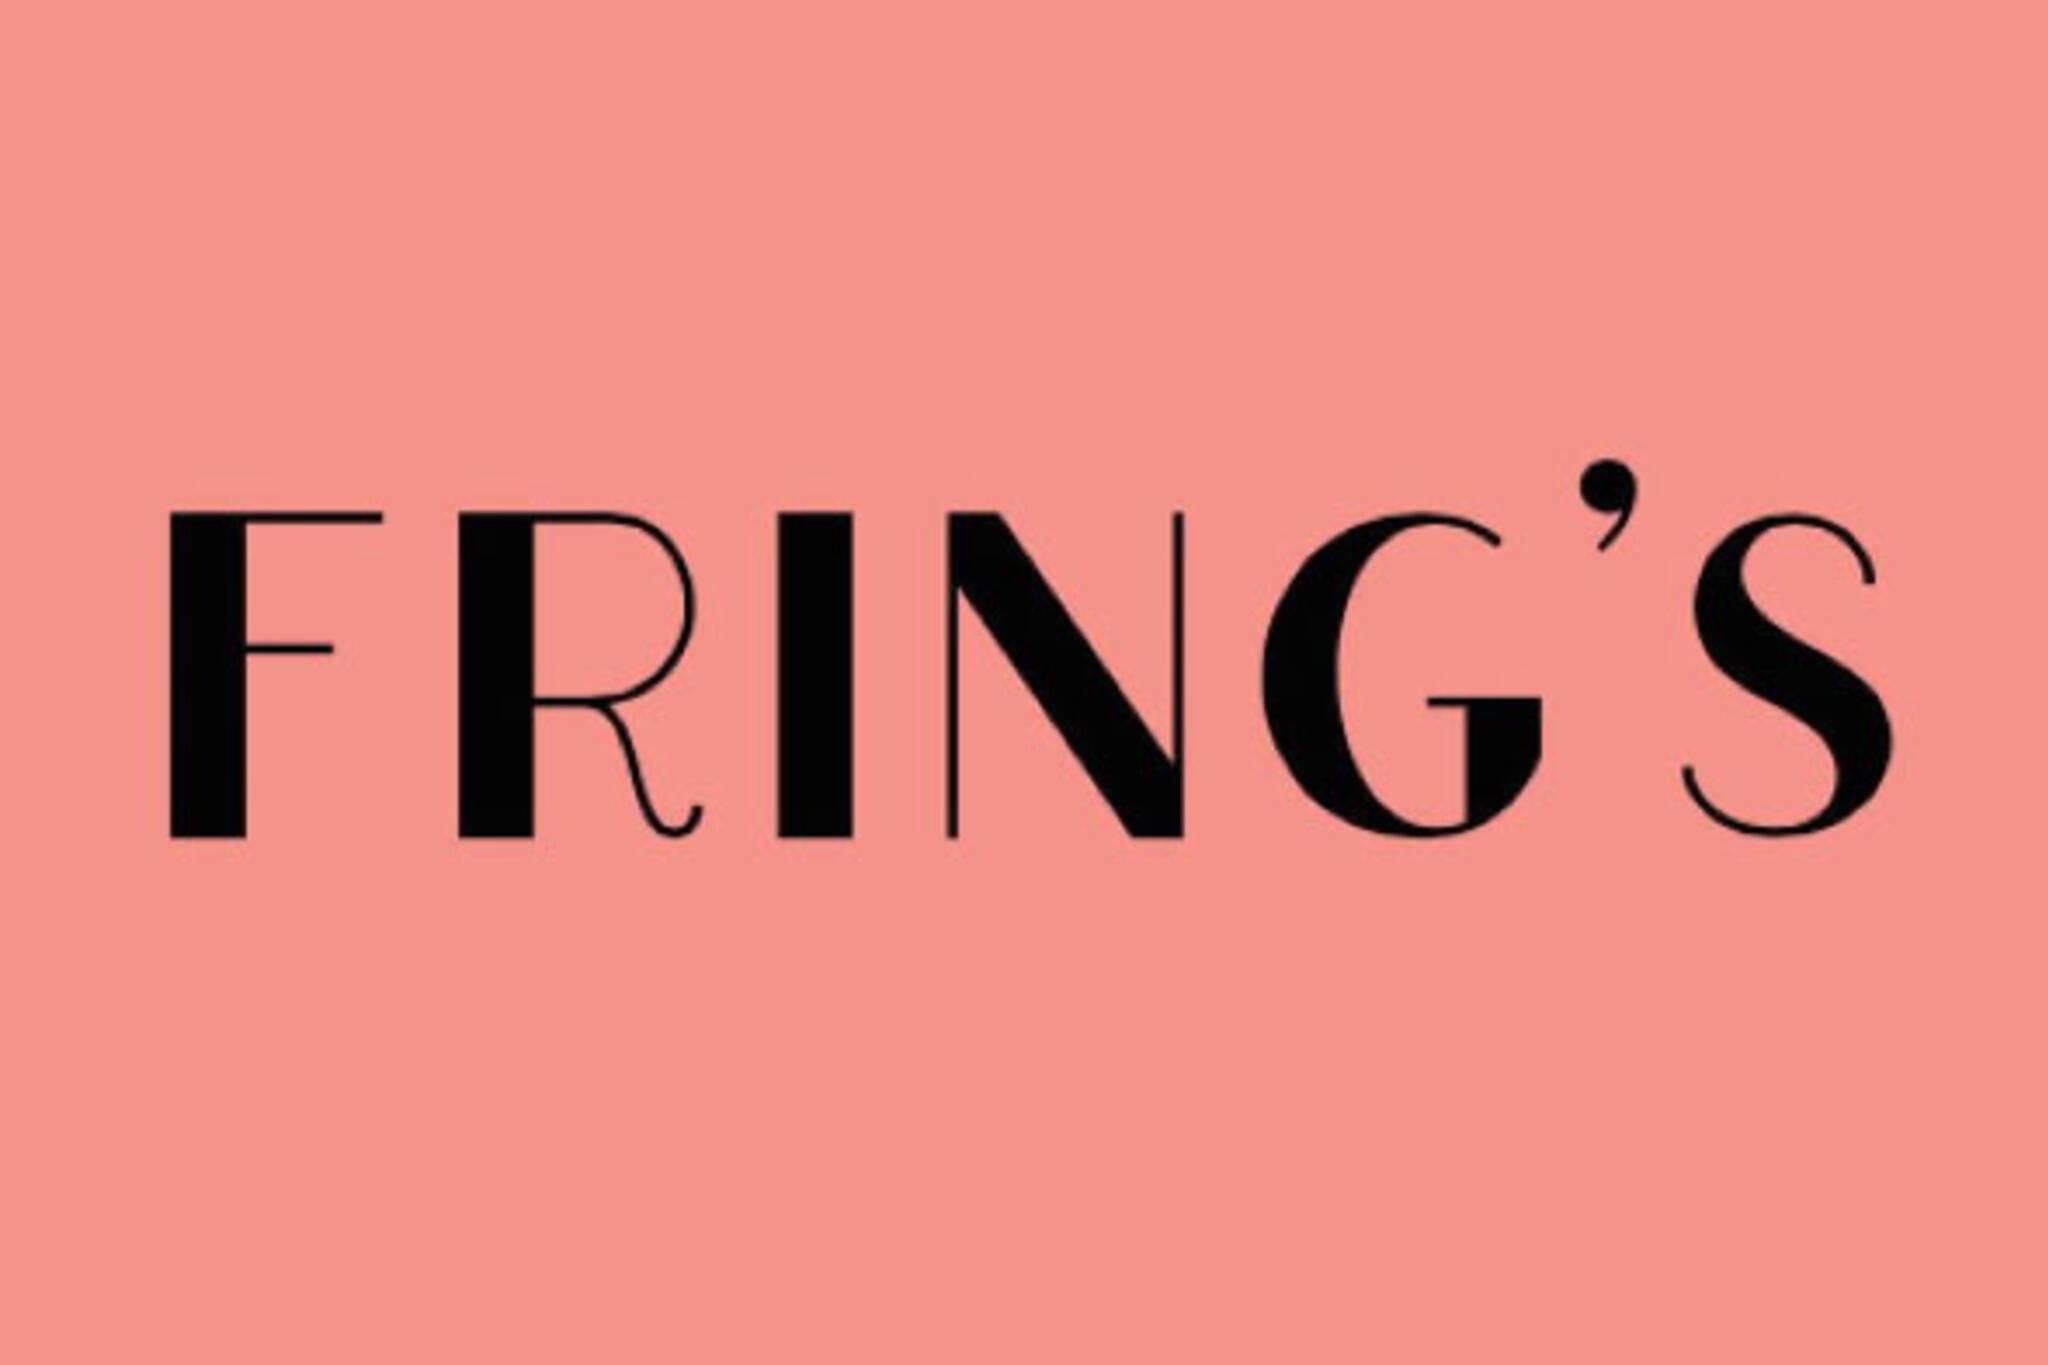 Fring S Restaurant In Toronto